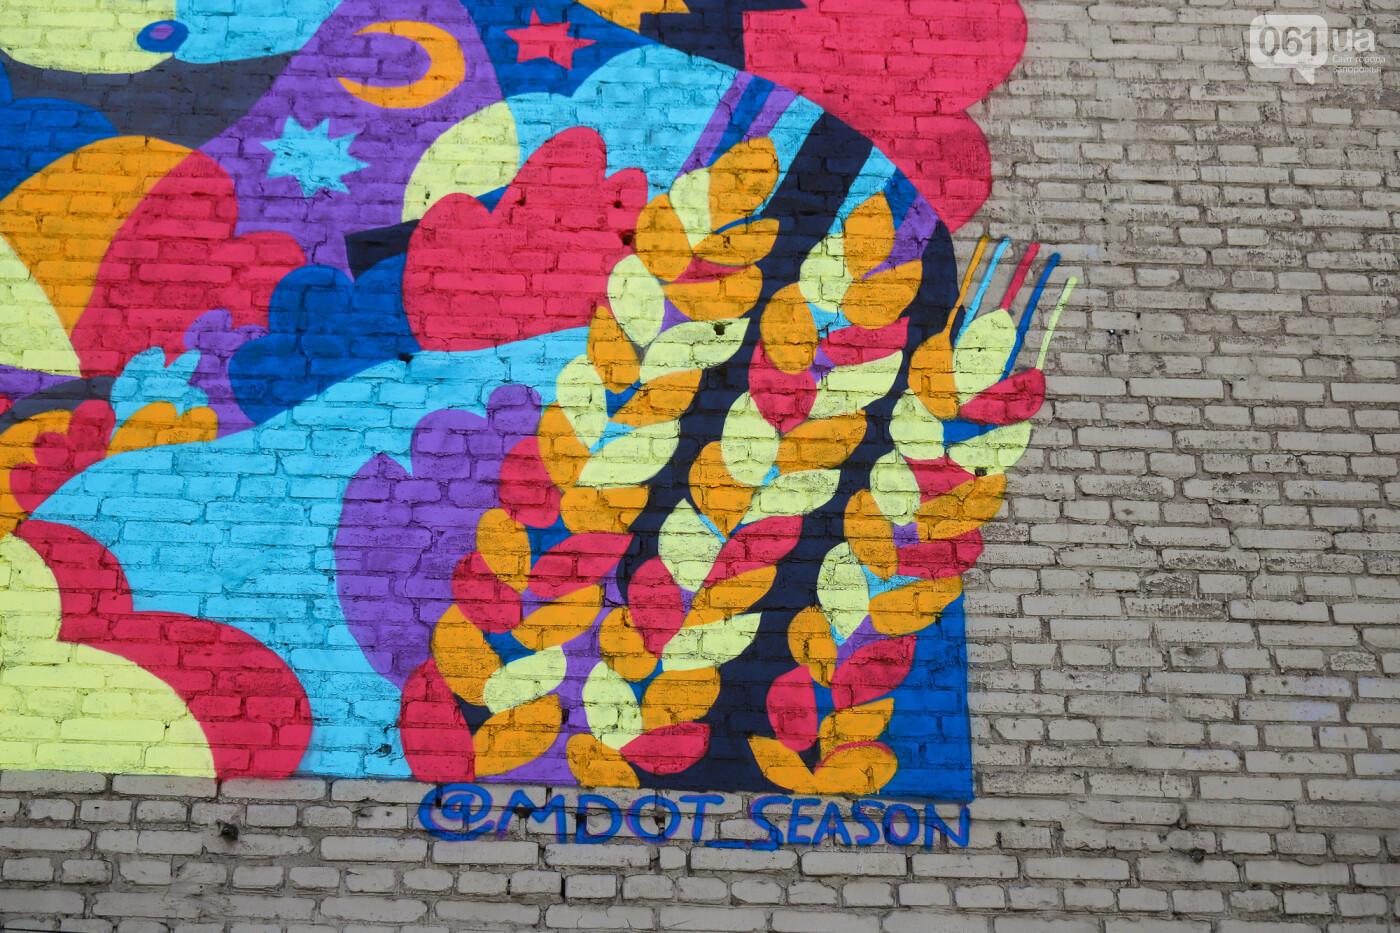 Художник из Нью-Йорка нарисовал мурал к 250-летию Запорожья - ФОТОРЕПОРТАЖ , фото-19